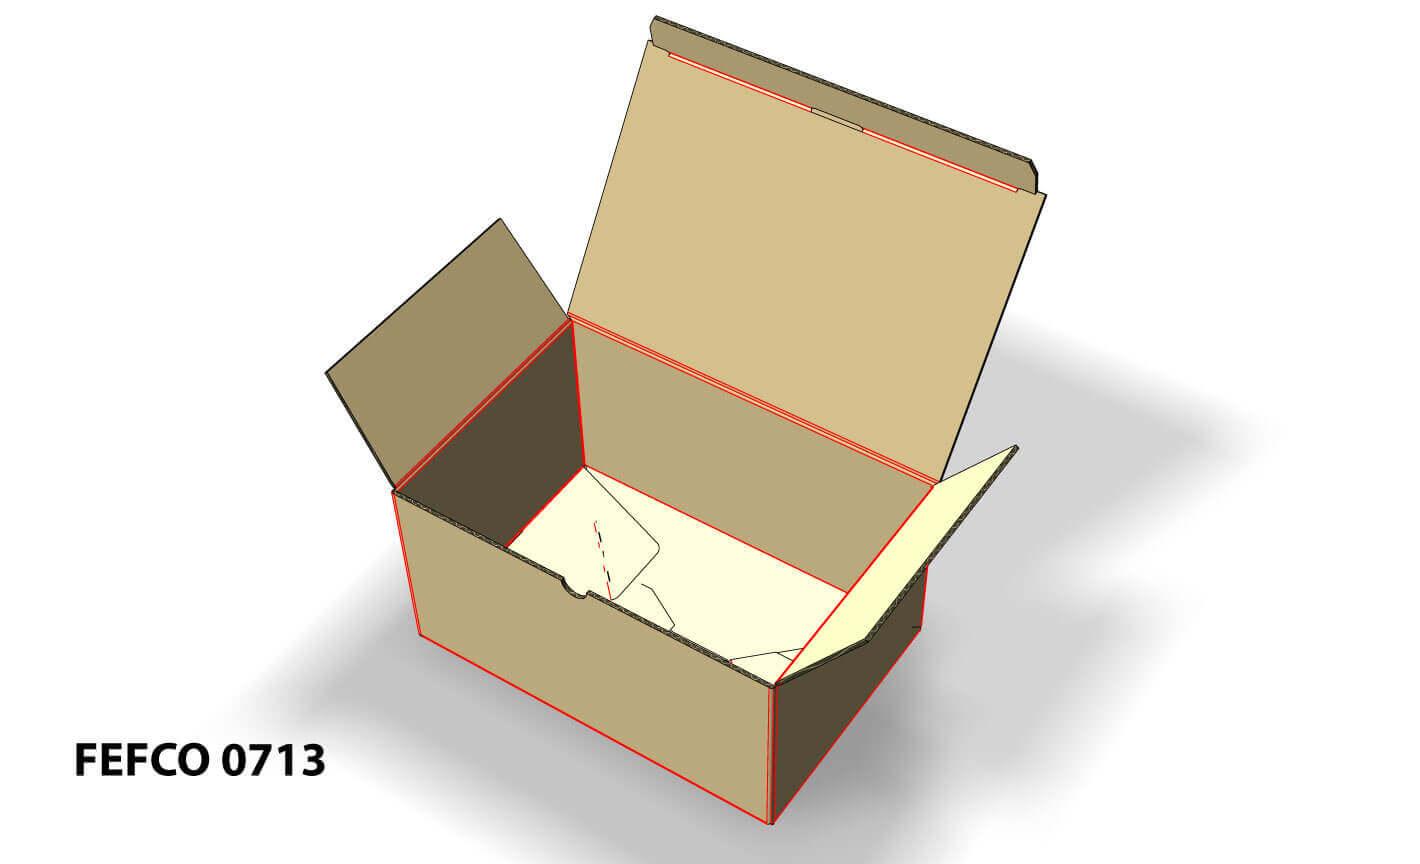 Imagen en 3D de caja fefco 0713